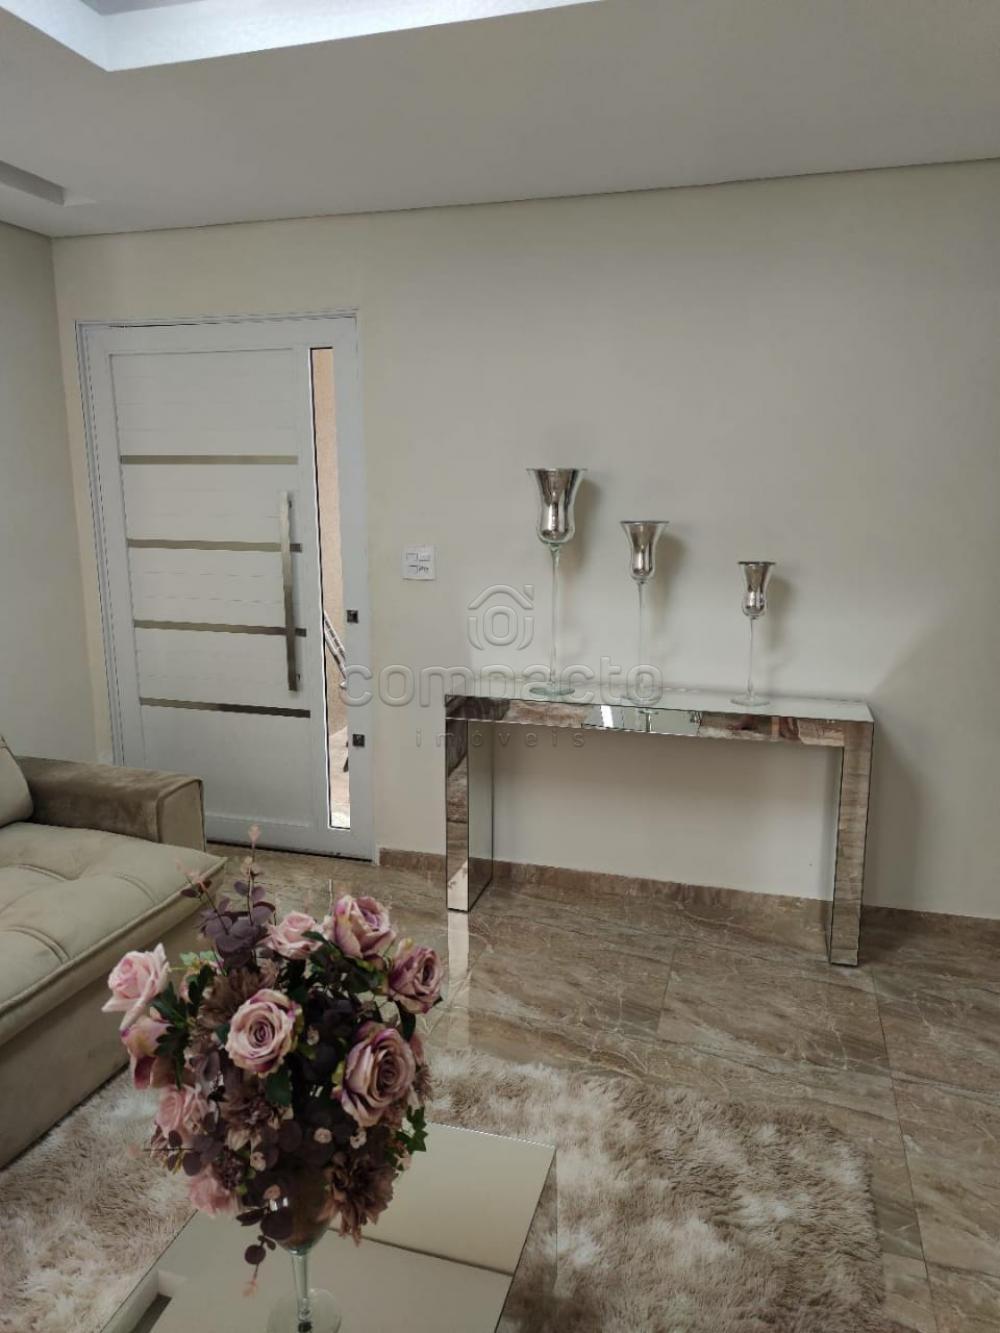 Comprar Casa / Padrão em Mirassol apenas R$ 350.000,00 - Foto 1